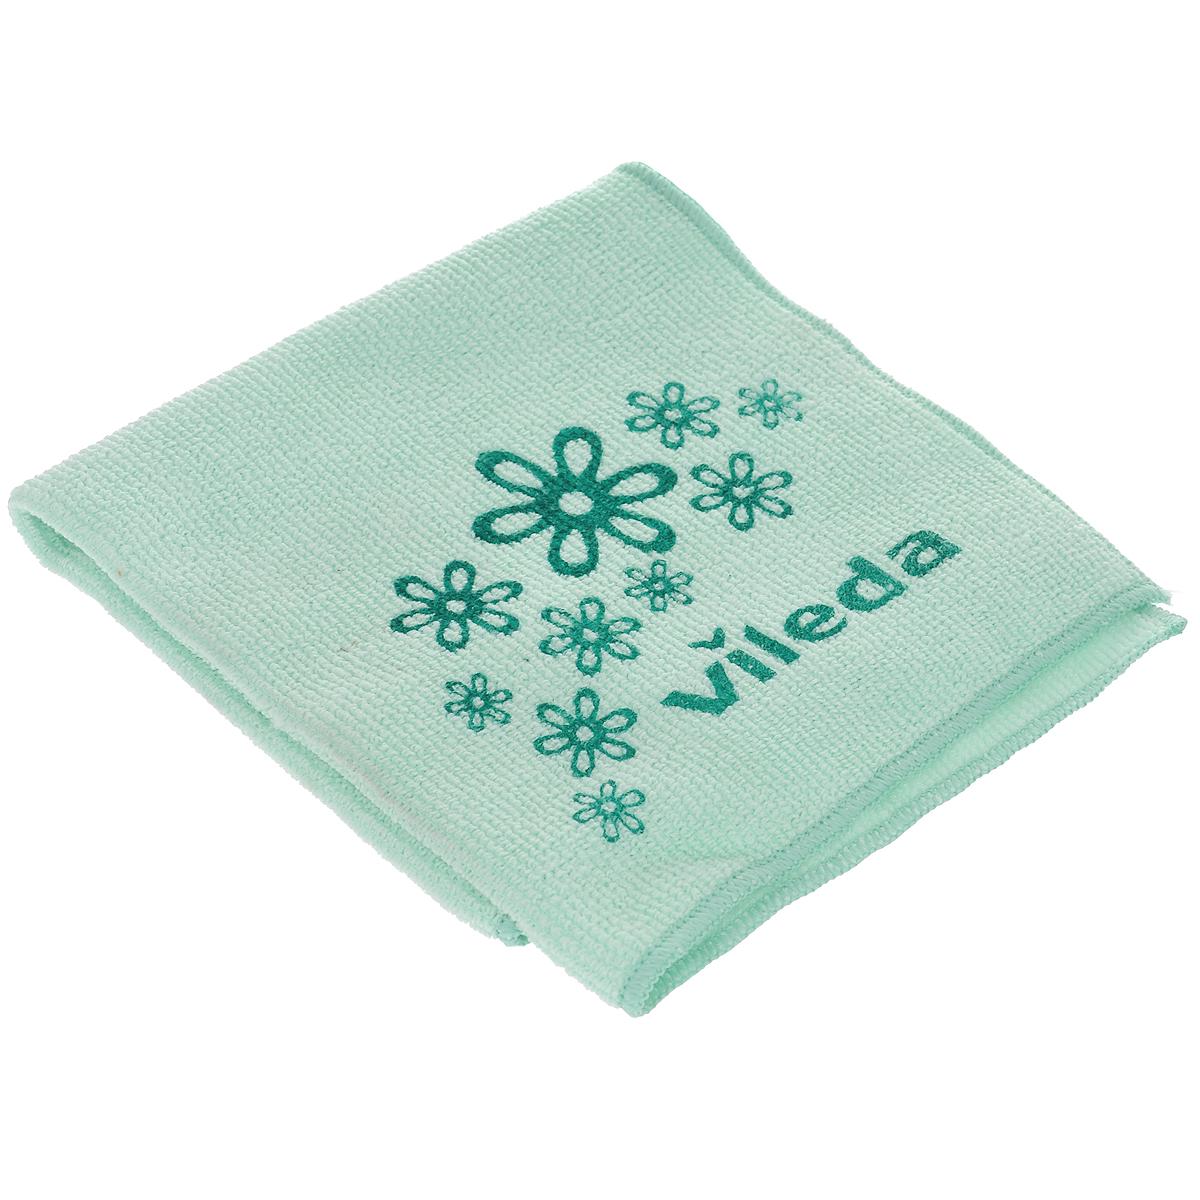 Салфетка универсальная Vileda Микрофибра, цвет: зеленый, 32 х 32 см салфетка golden snail микрофибра универсальная 141 gs0322 40 х 60 см